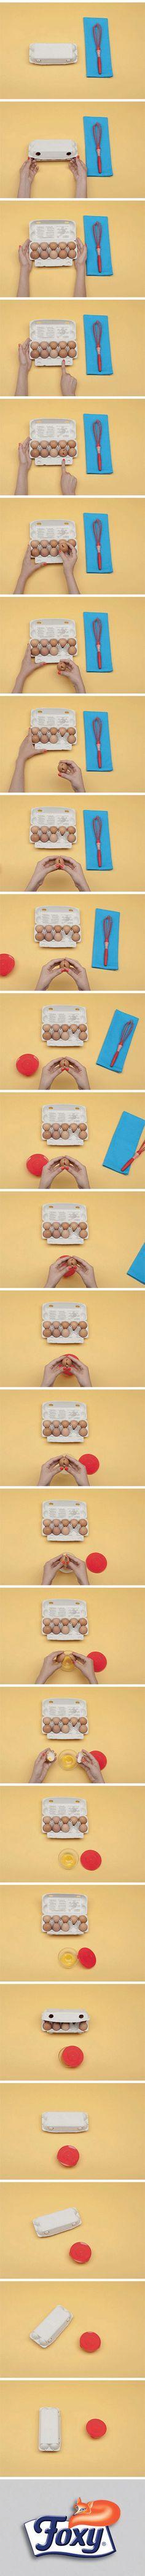 Strapazzate, in camicia o fritte le uova si possono fare in tanti modi. Voi come le preferite? In qualunque modo le prepariate fate attenzione a conservarle. Scoprite come su http://www.foxymega.it/optimize/impara-come-ottimizzarlo.php?id=Uova #foxy #optimize #ordine #uova #conservare #food #cucina #organization #ideas #home #space #fridge